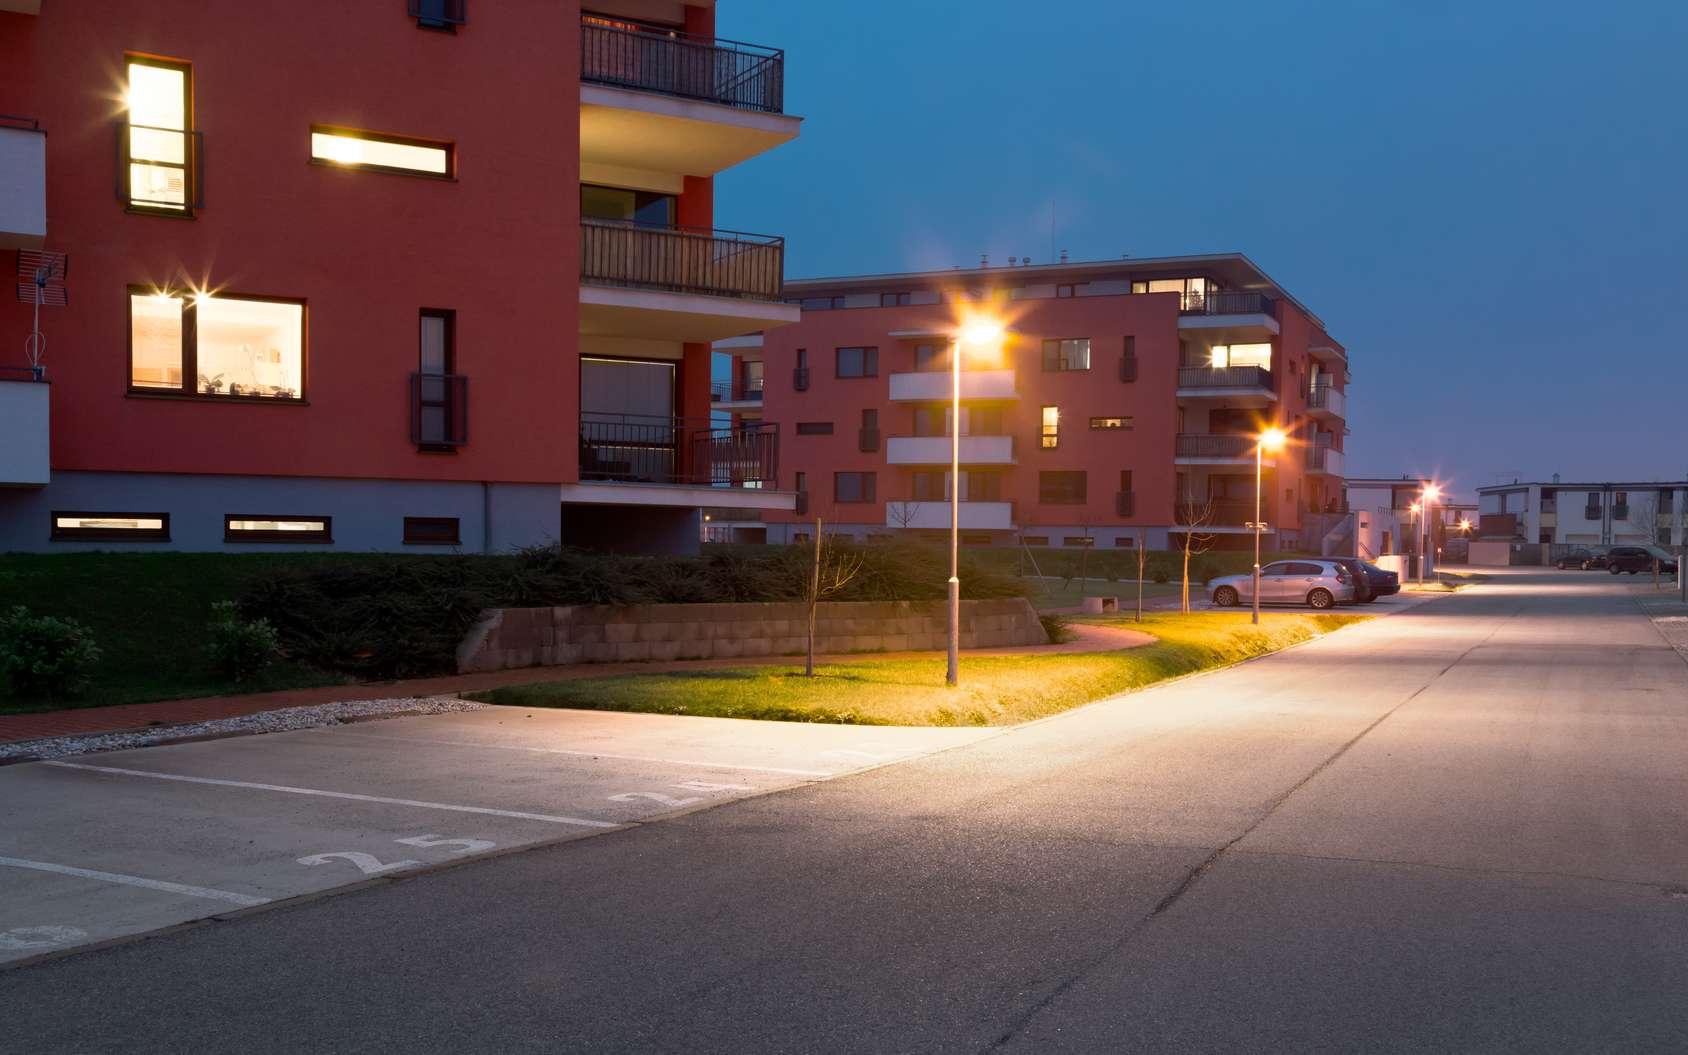 Comment lutter contre la pollution lumineuse chez soi ? Ici, des exemples d'éclairages nocturnes qui engendrent une pollution lumineuse. © Milan Noga reco, Fotolia